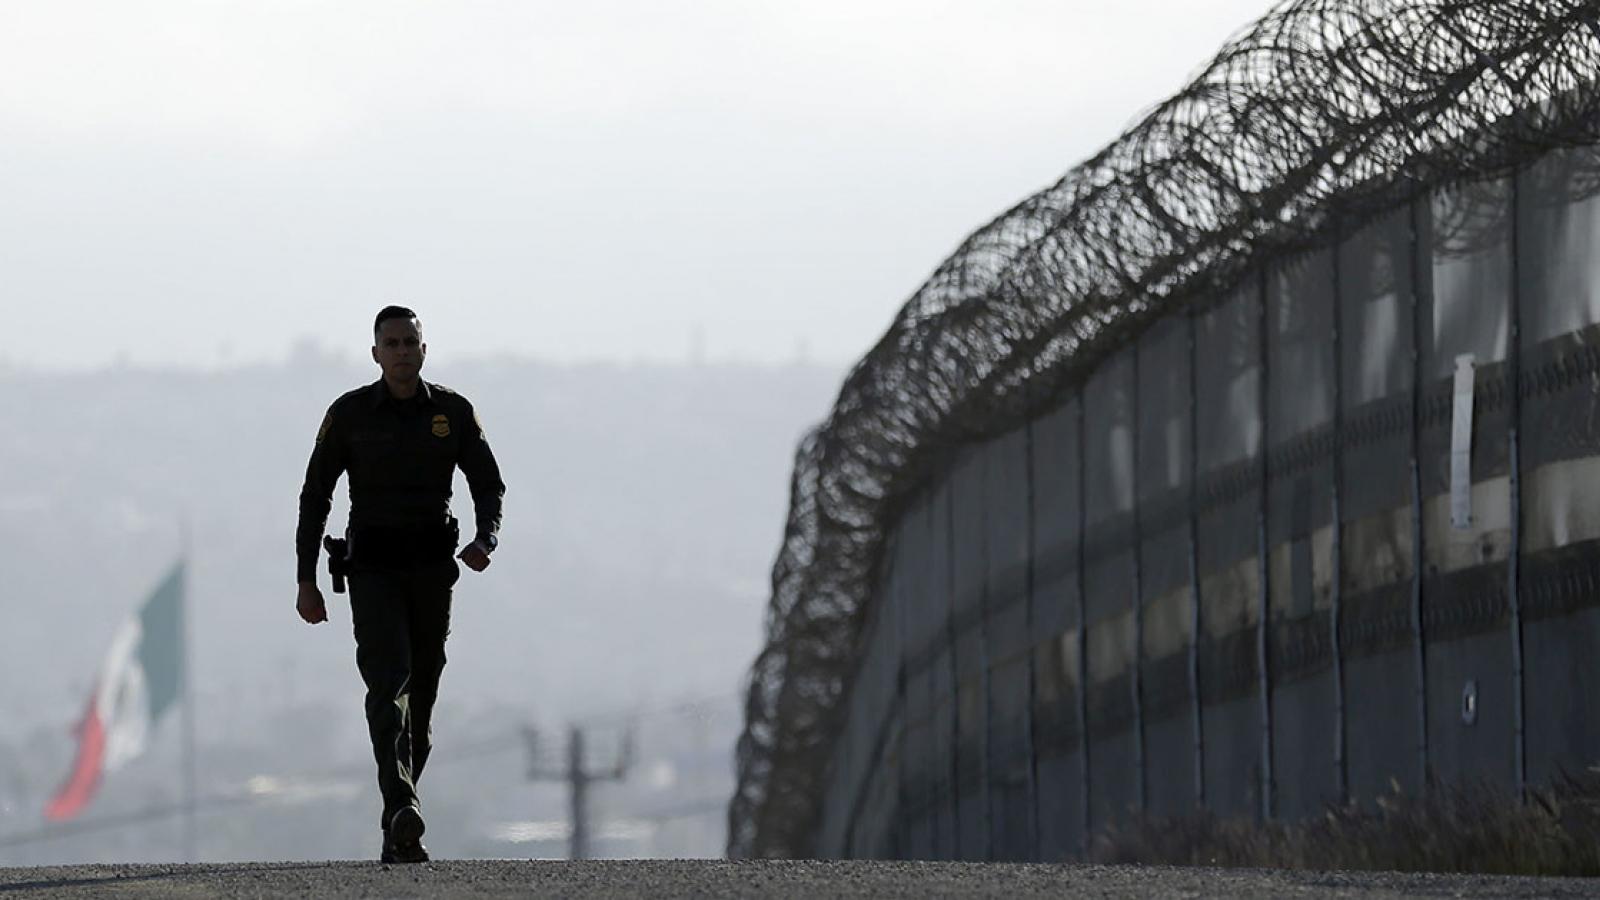 Lầu Năm Góc chuyển 2,2 tỷ USDtừquỹ xây tường biên giới với Mexico vào các dự án quân sự